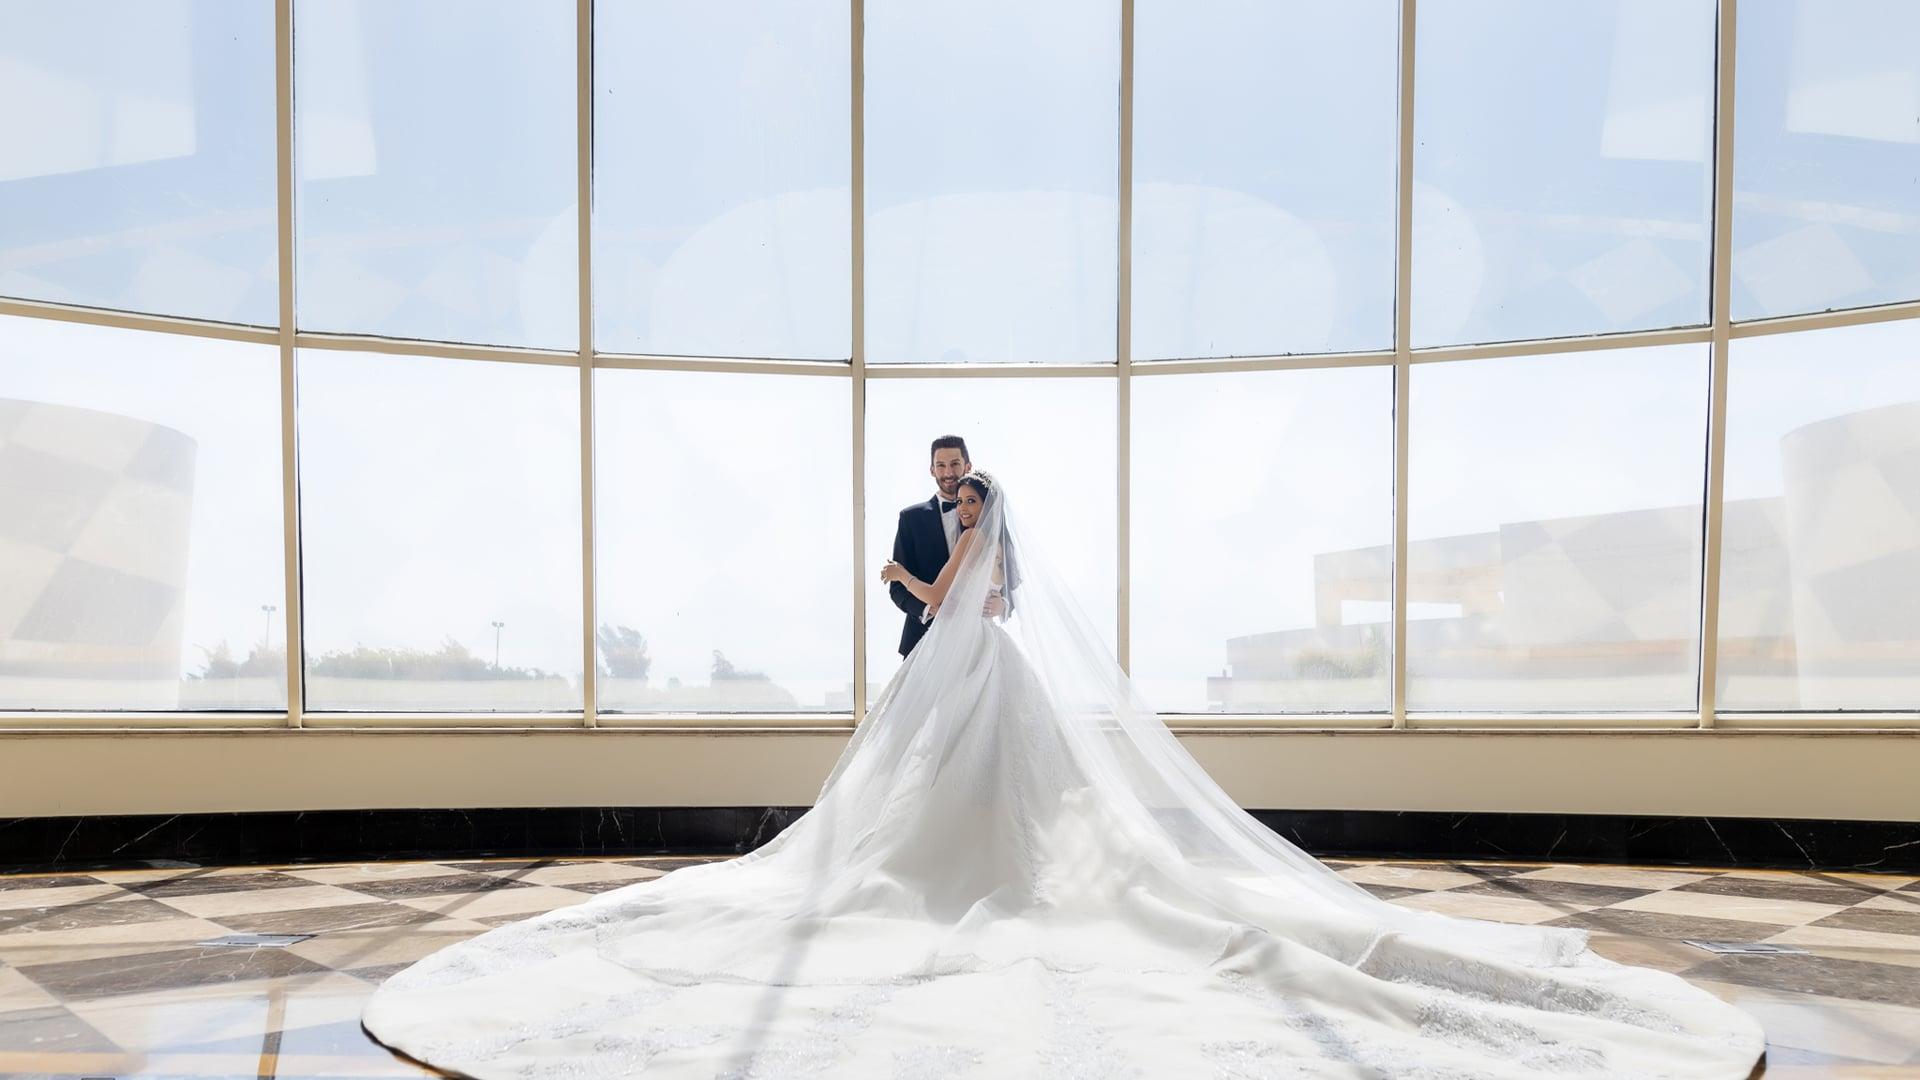 YASMIN & BELIA WEDDING FILM